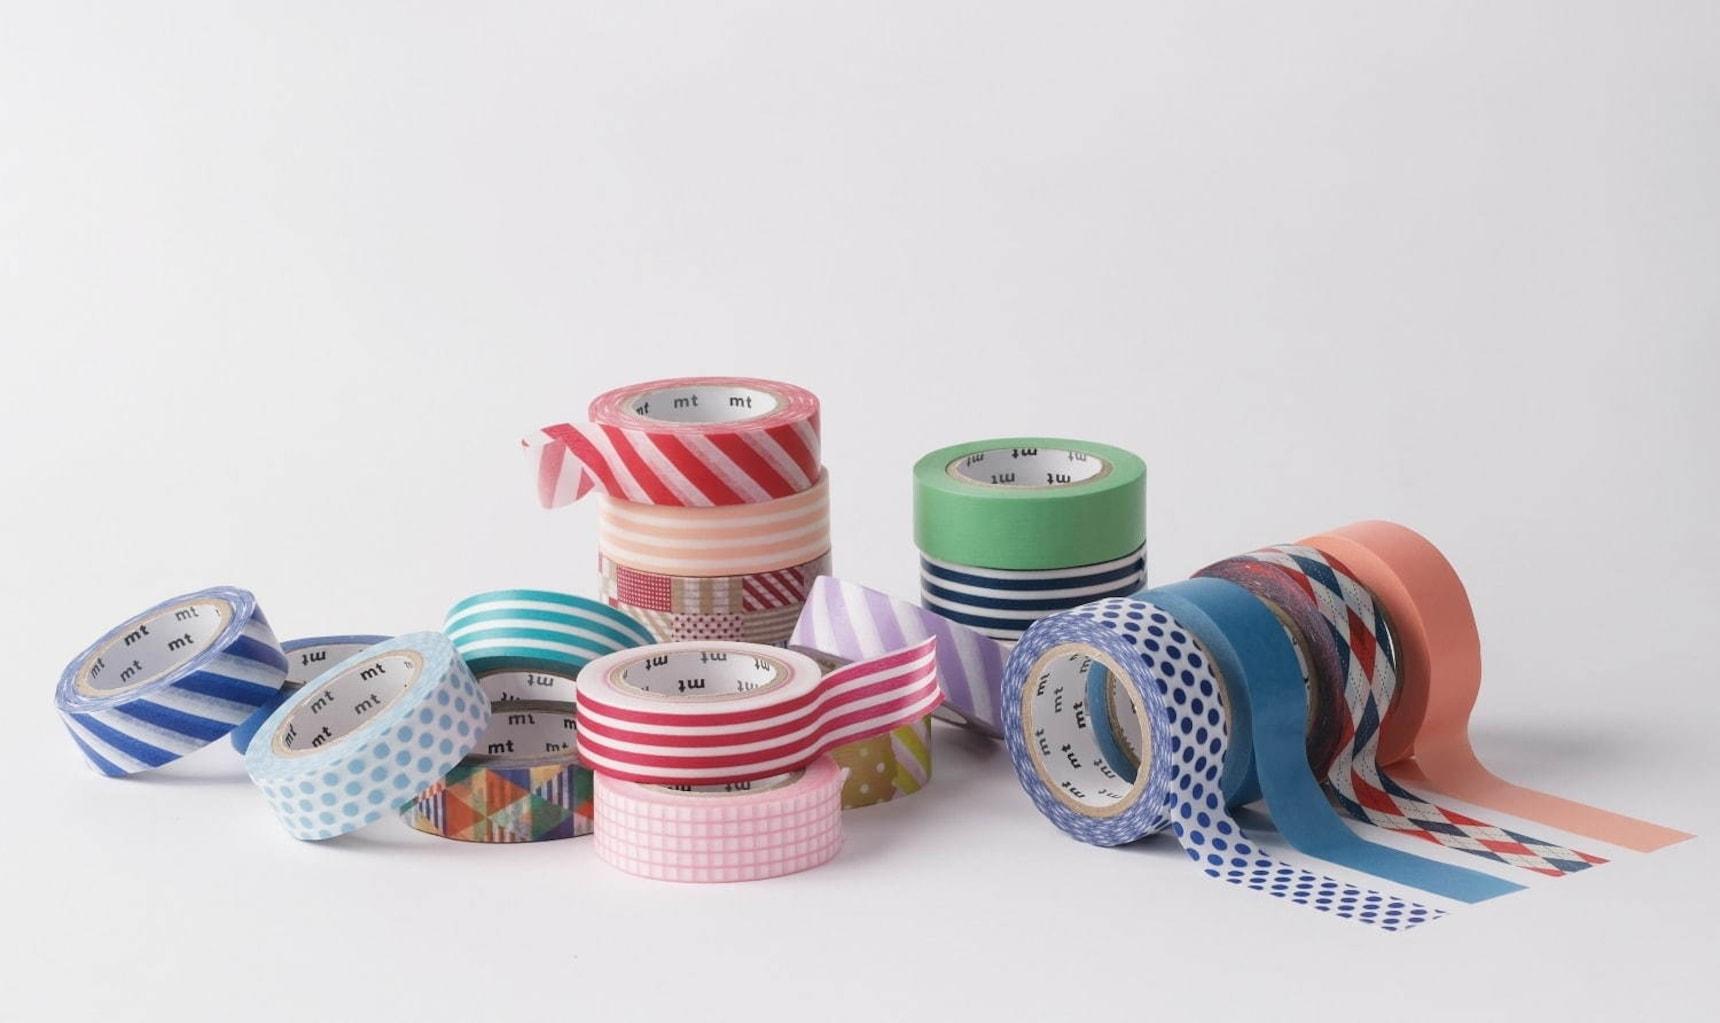 日本购物:文具控必看!十款最具人气的日本纸胶带,你心动了吗?